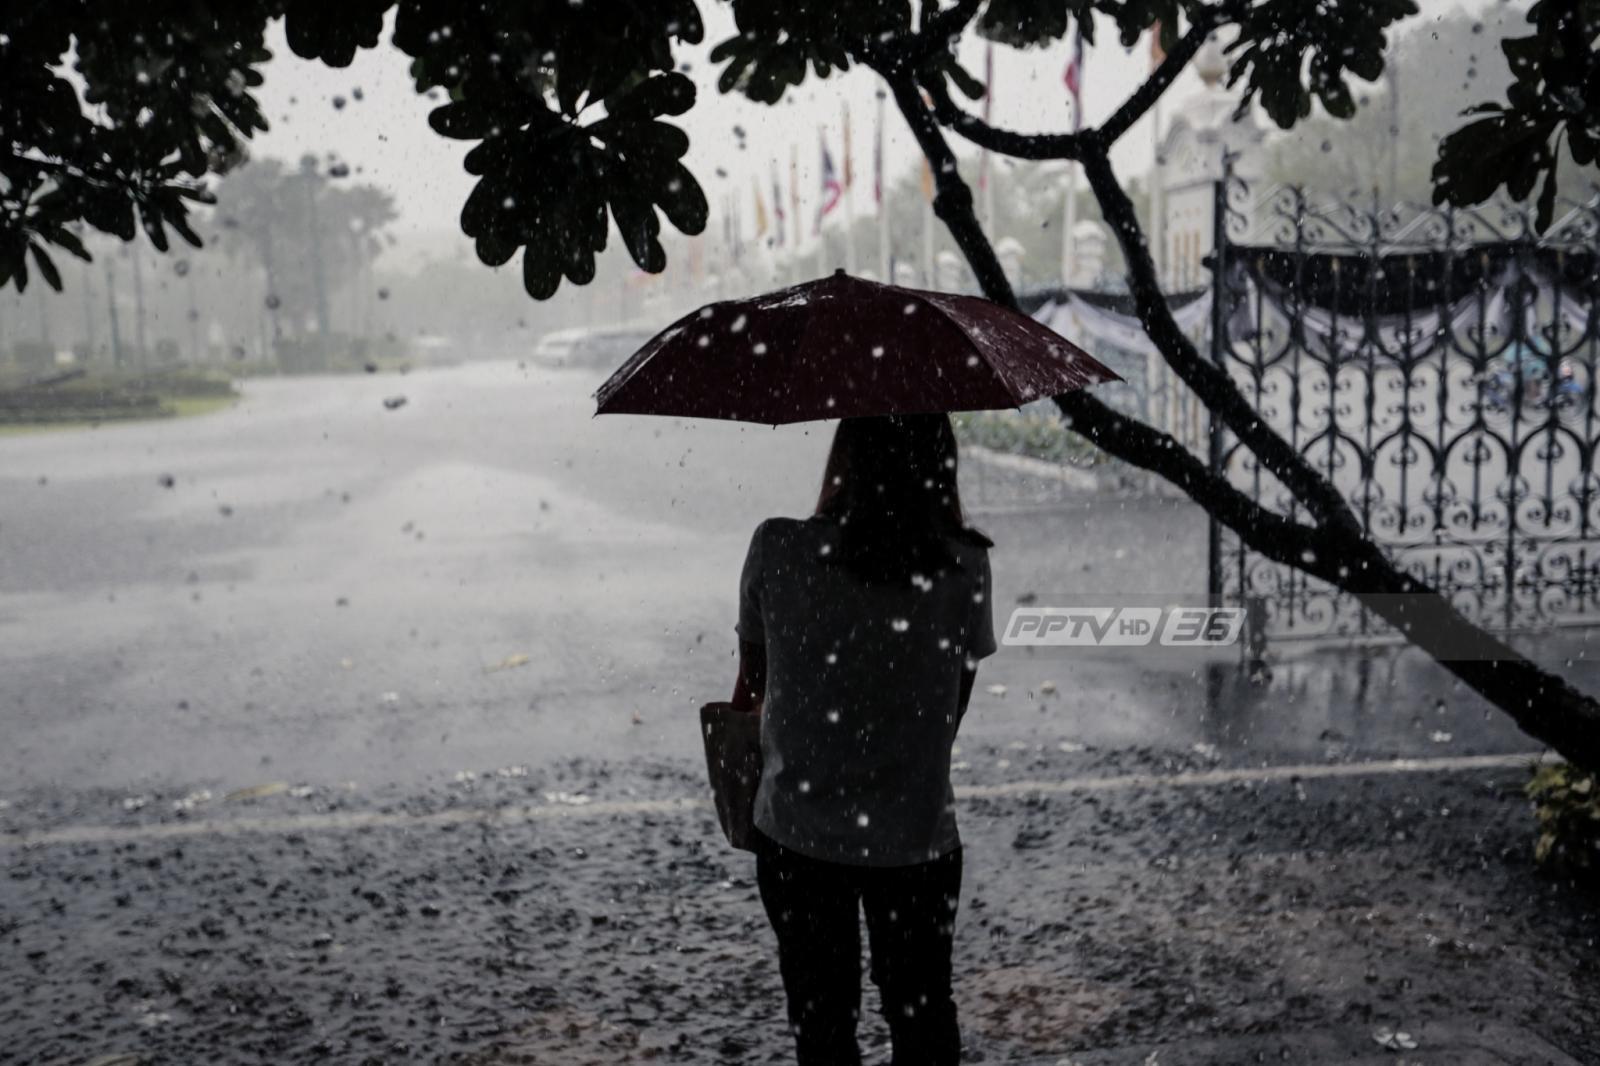 อุตุฯ เตือน ฝนตกหนักบางแห่ง กรุงเทพฯ ฝนฟ้าคะนองร้อยละ 60